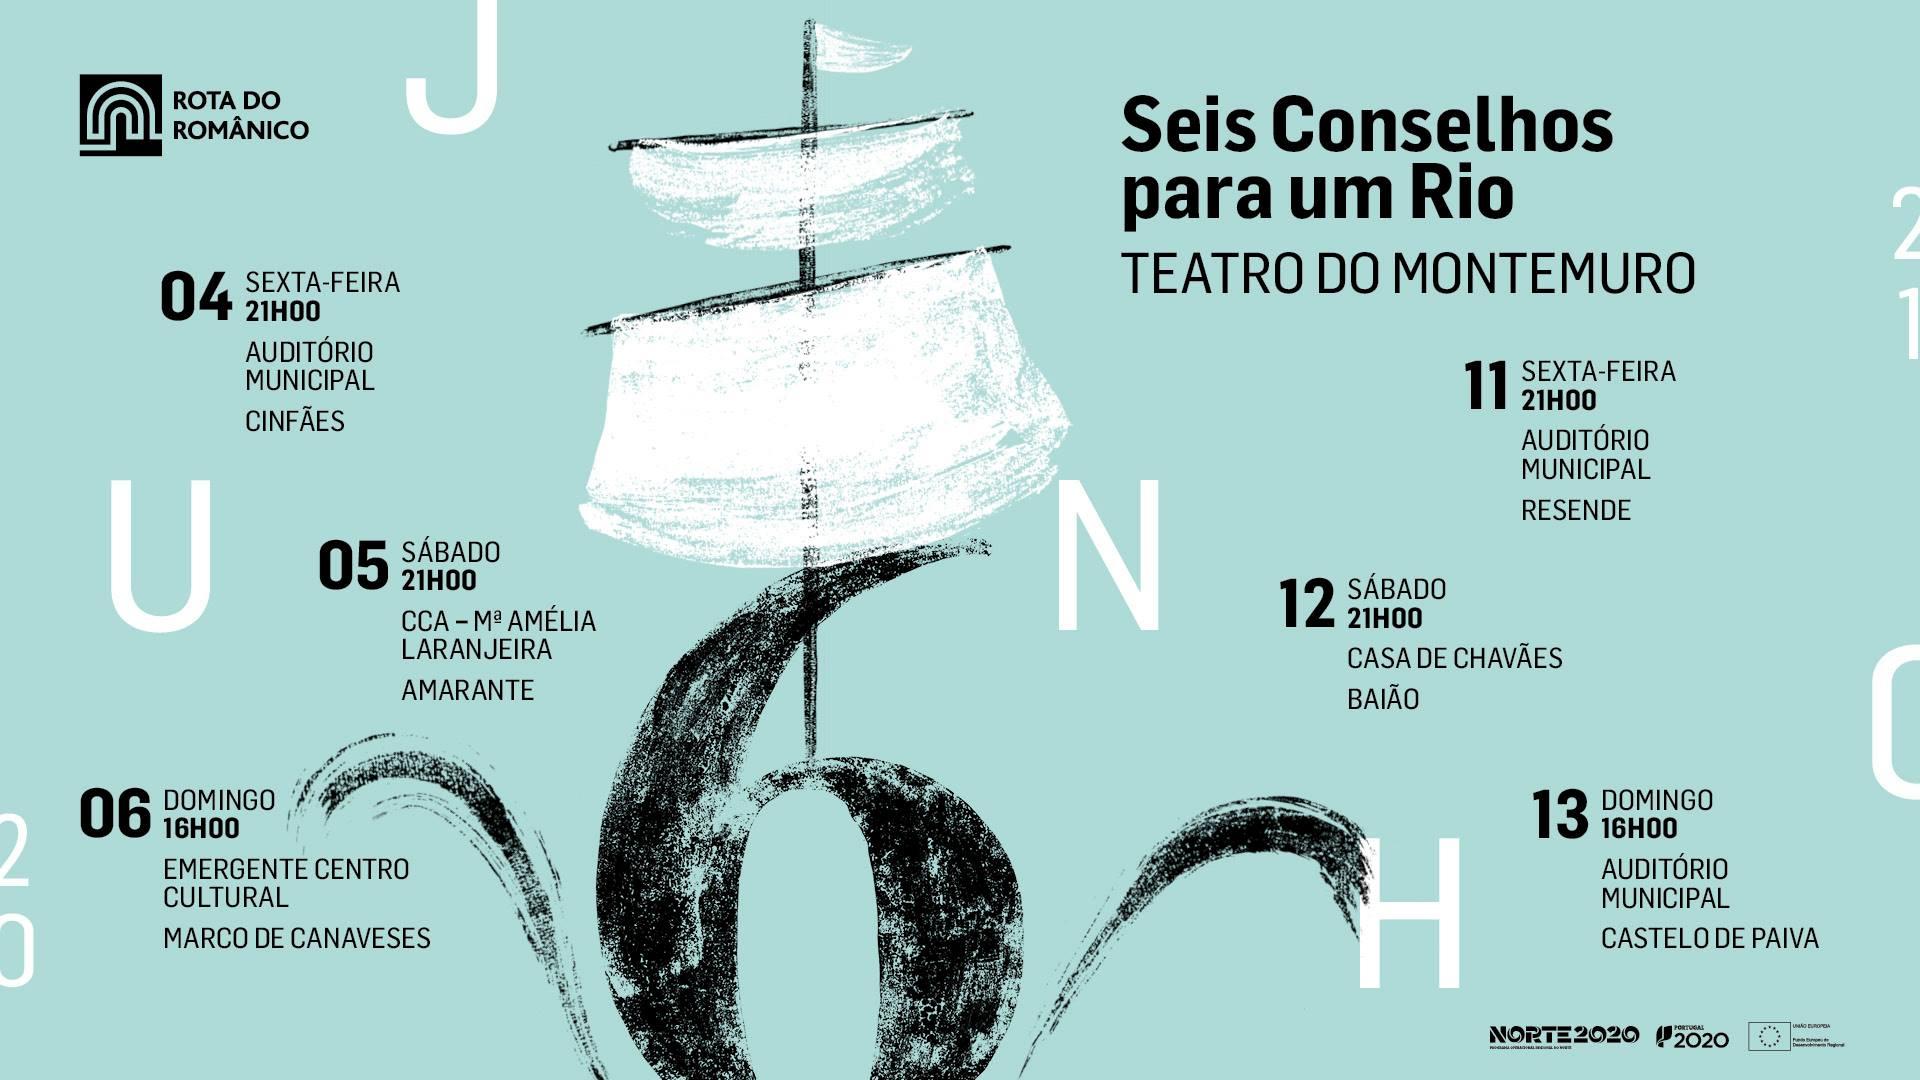 Resende | Seis Conselhos para um Rio | Teatro do Montemuro